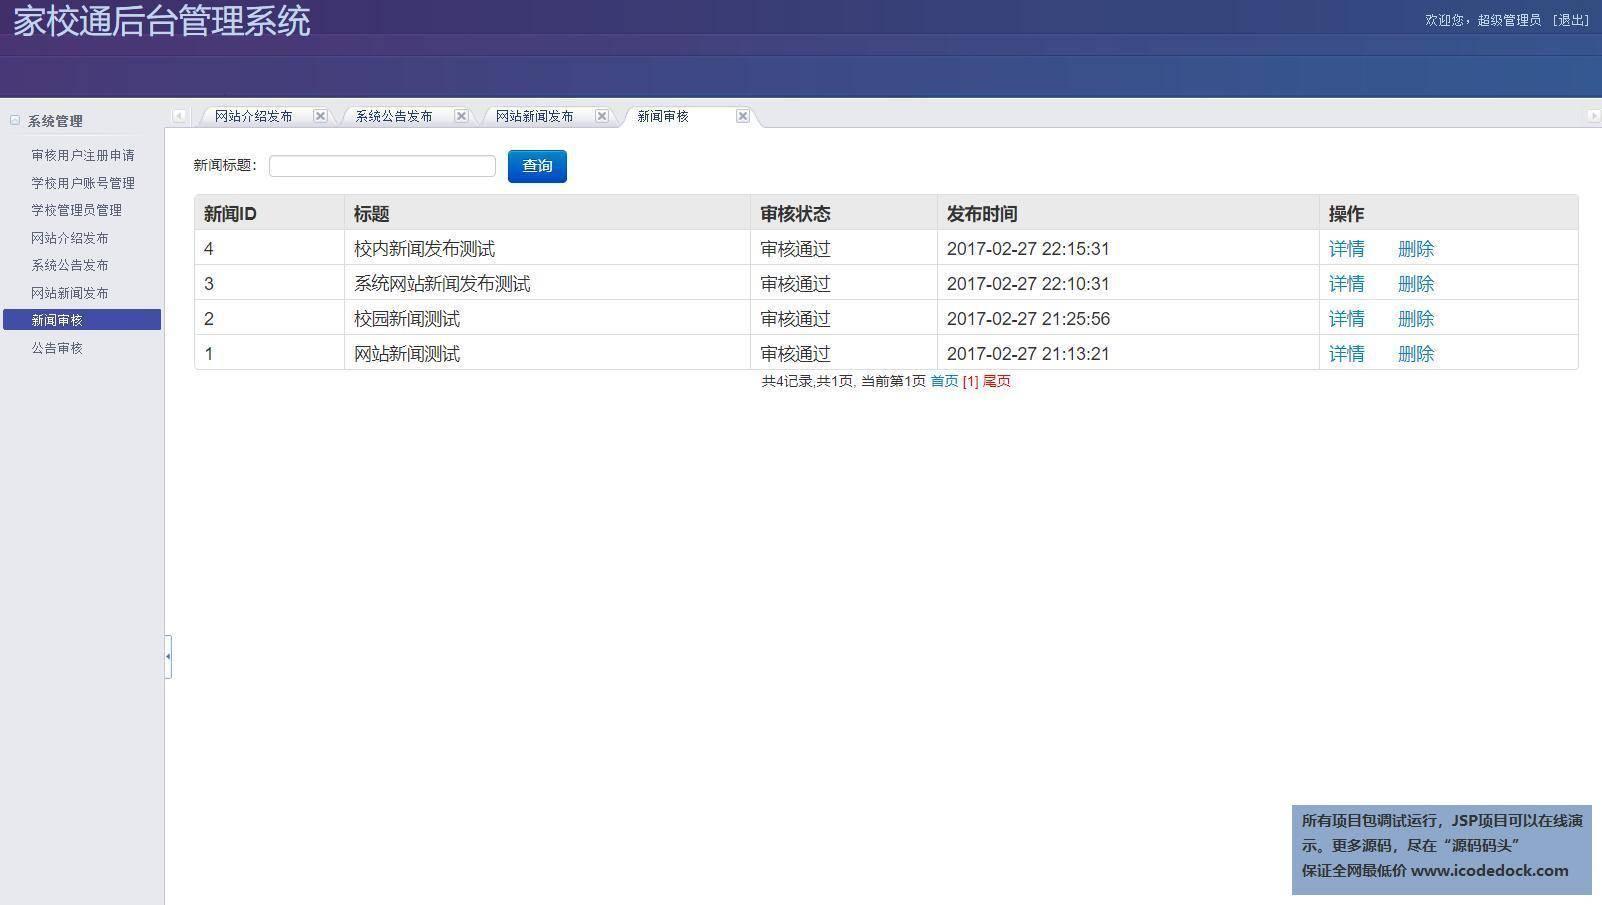 源码码头-SSM在线家校通管理系统-管理员角色-新闻审核管理